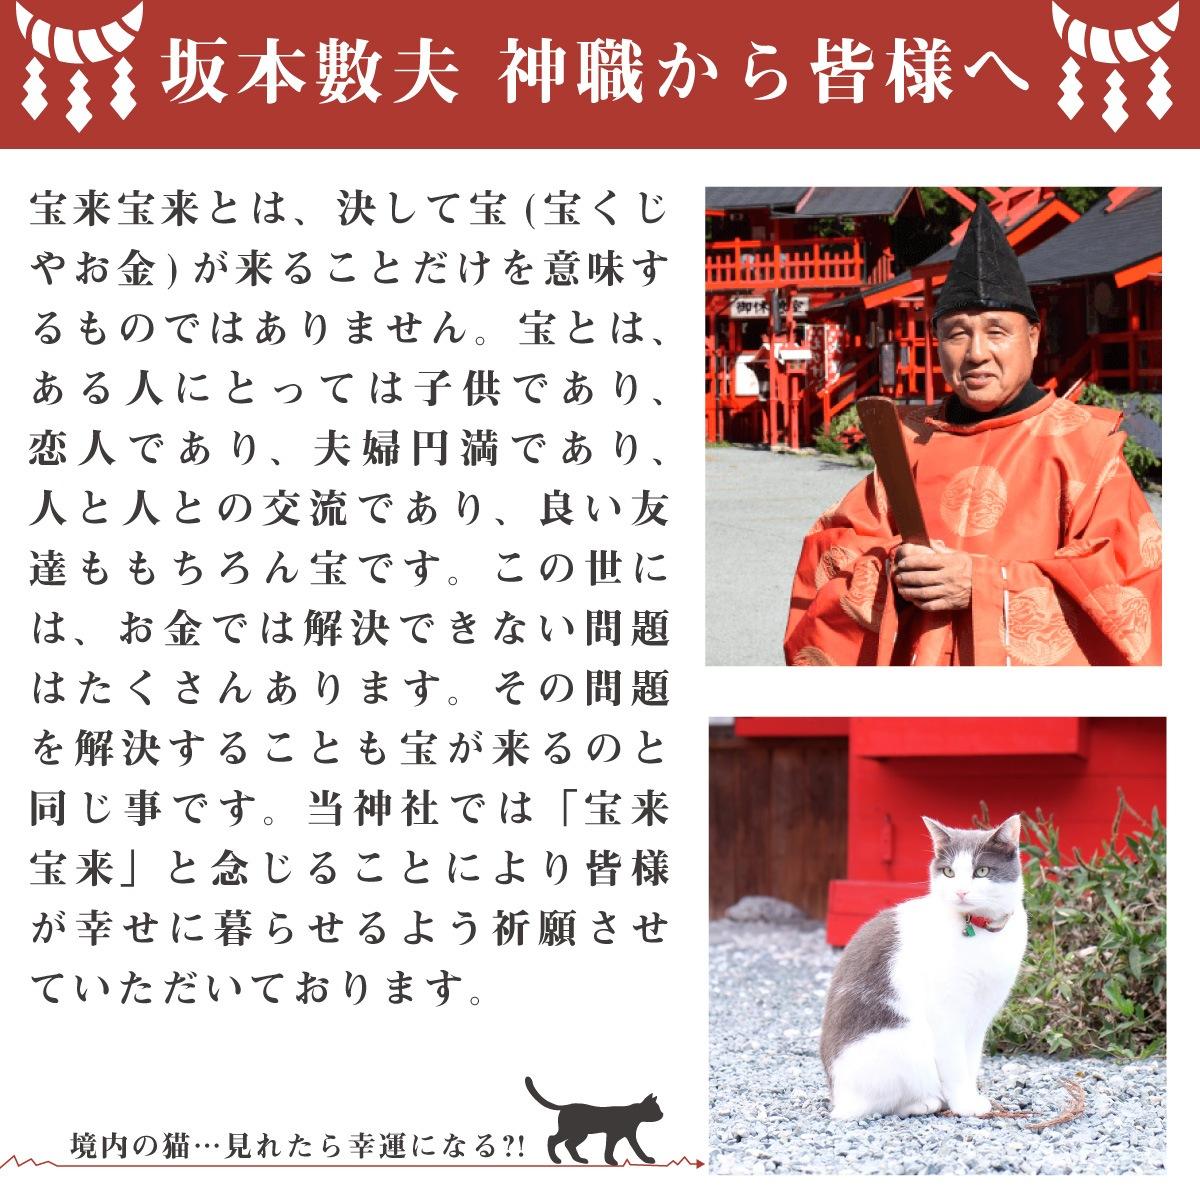 宝来宝来神社特別祈願 『当銭くじ猫』